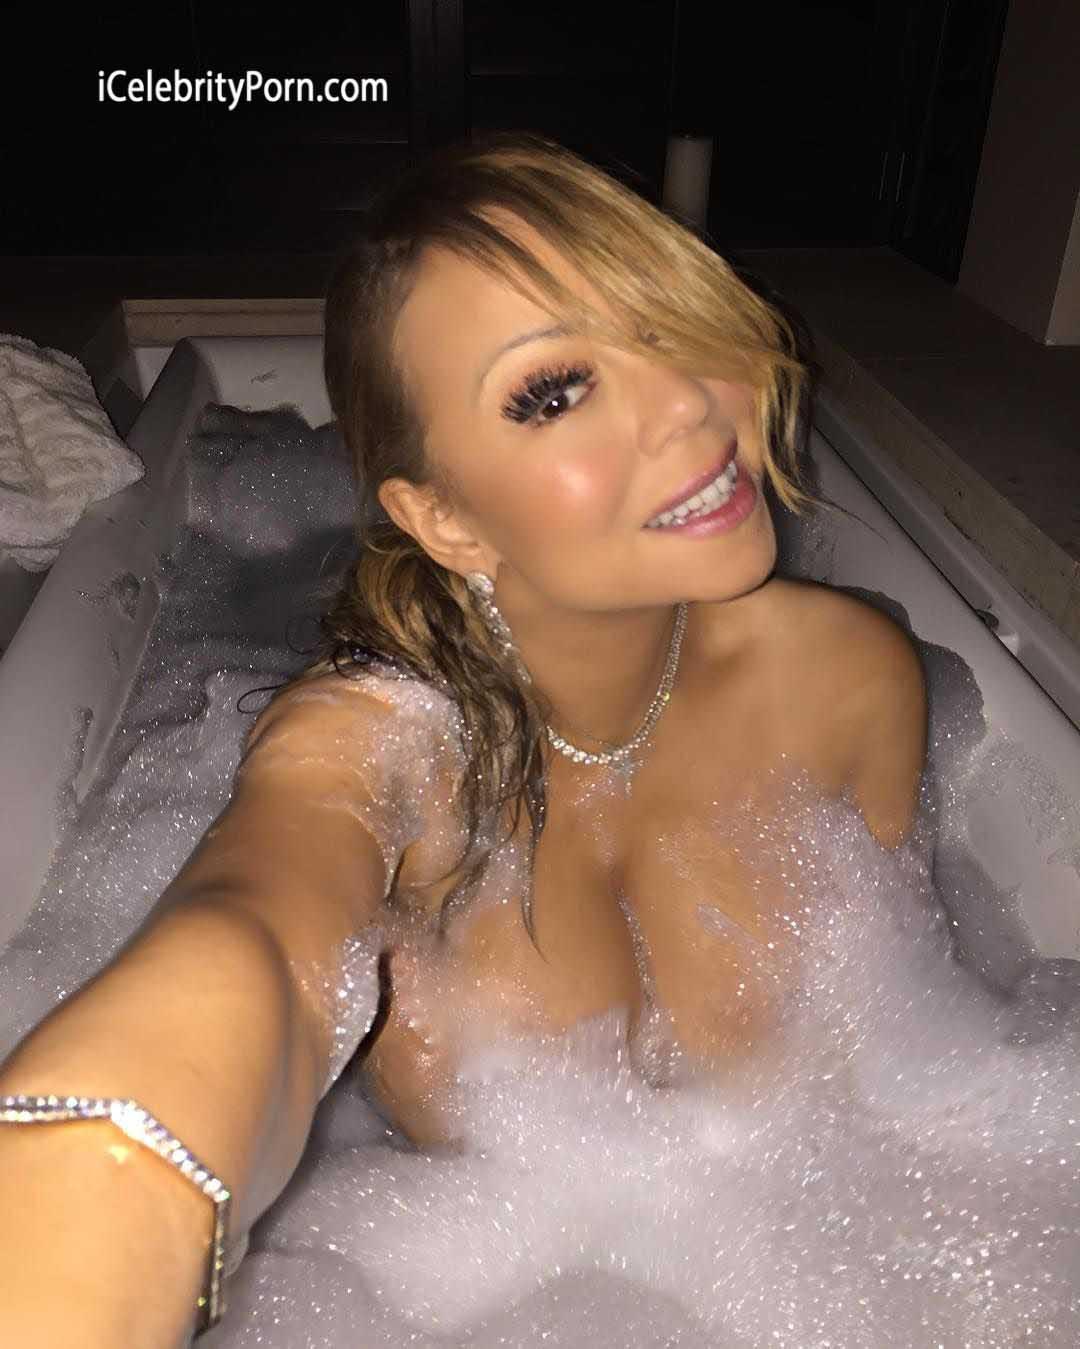 Actriz Porno Rusa Tetas Grandes mariah carey desnuda enseña sus grandes tetas en la bañera